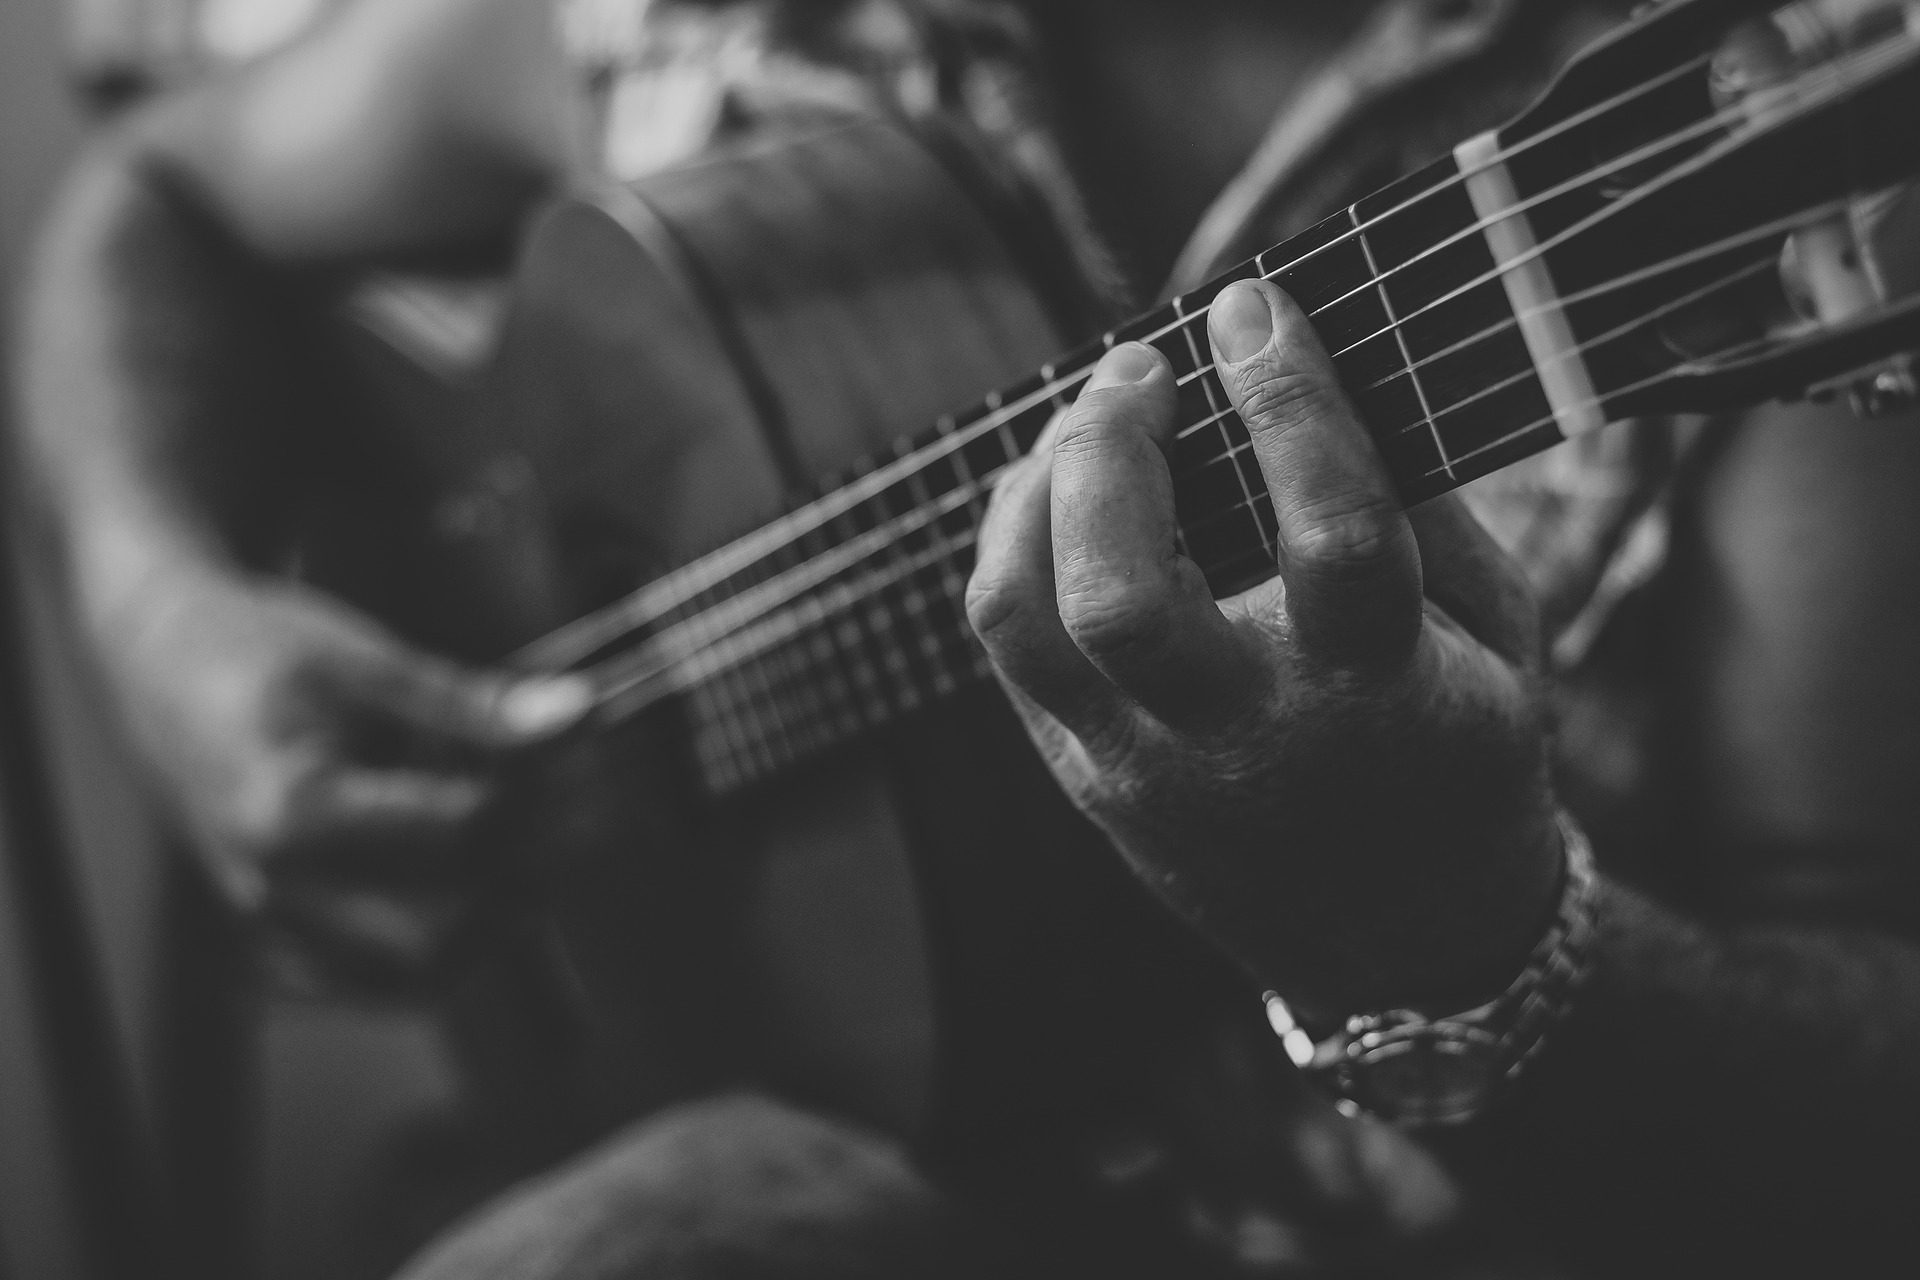 Κιθάρα, μουσικός, ο κιθαρίστας, τα χέρια, συμβολοσειρές, σε μαύρο και άσπρο - Wallpapers HD - Professor-falken.com